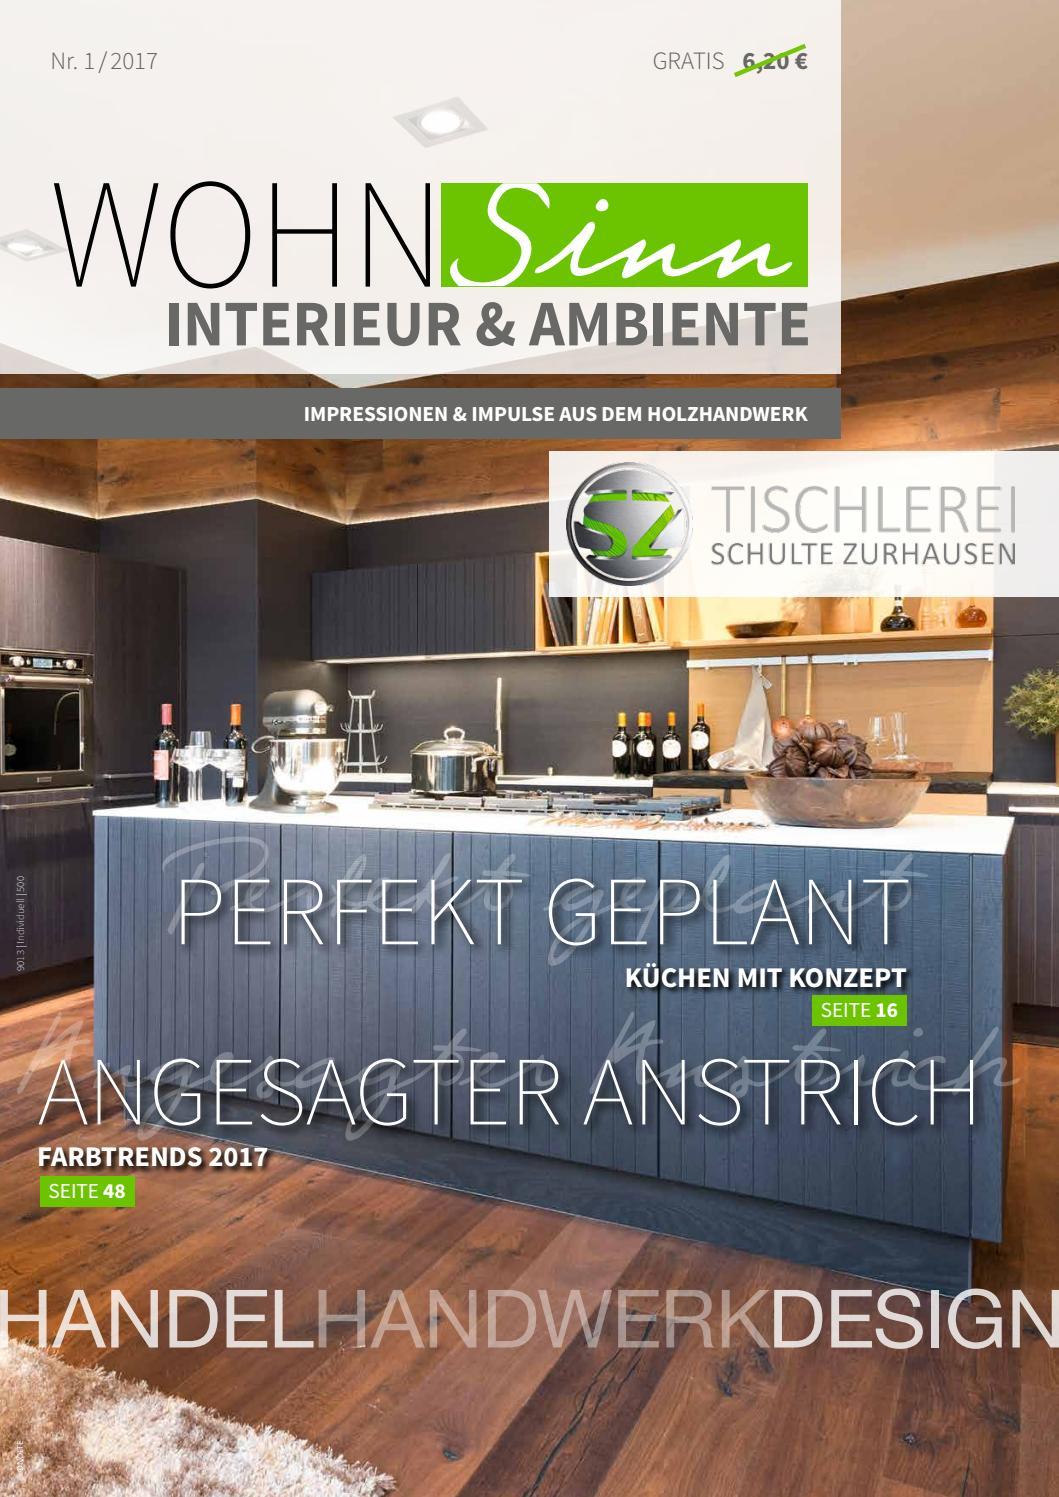 Schulte Zurhausen by TopaTeam GmbH - issuu